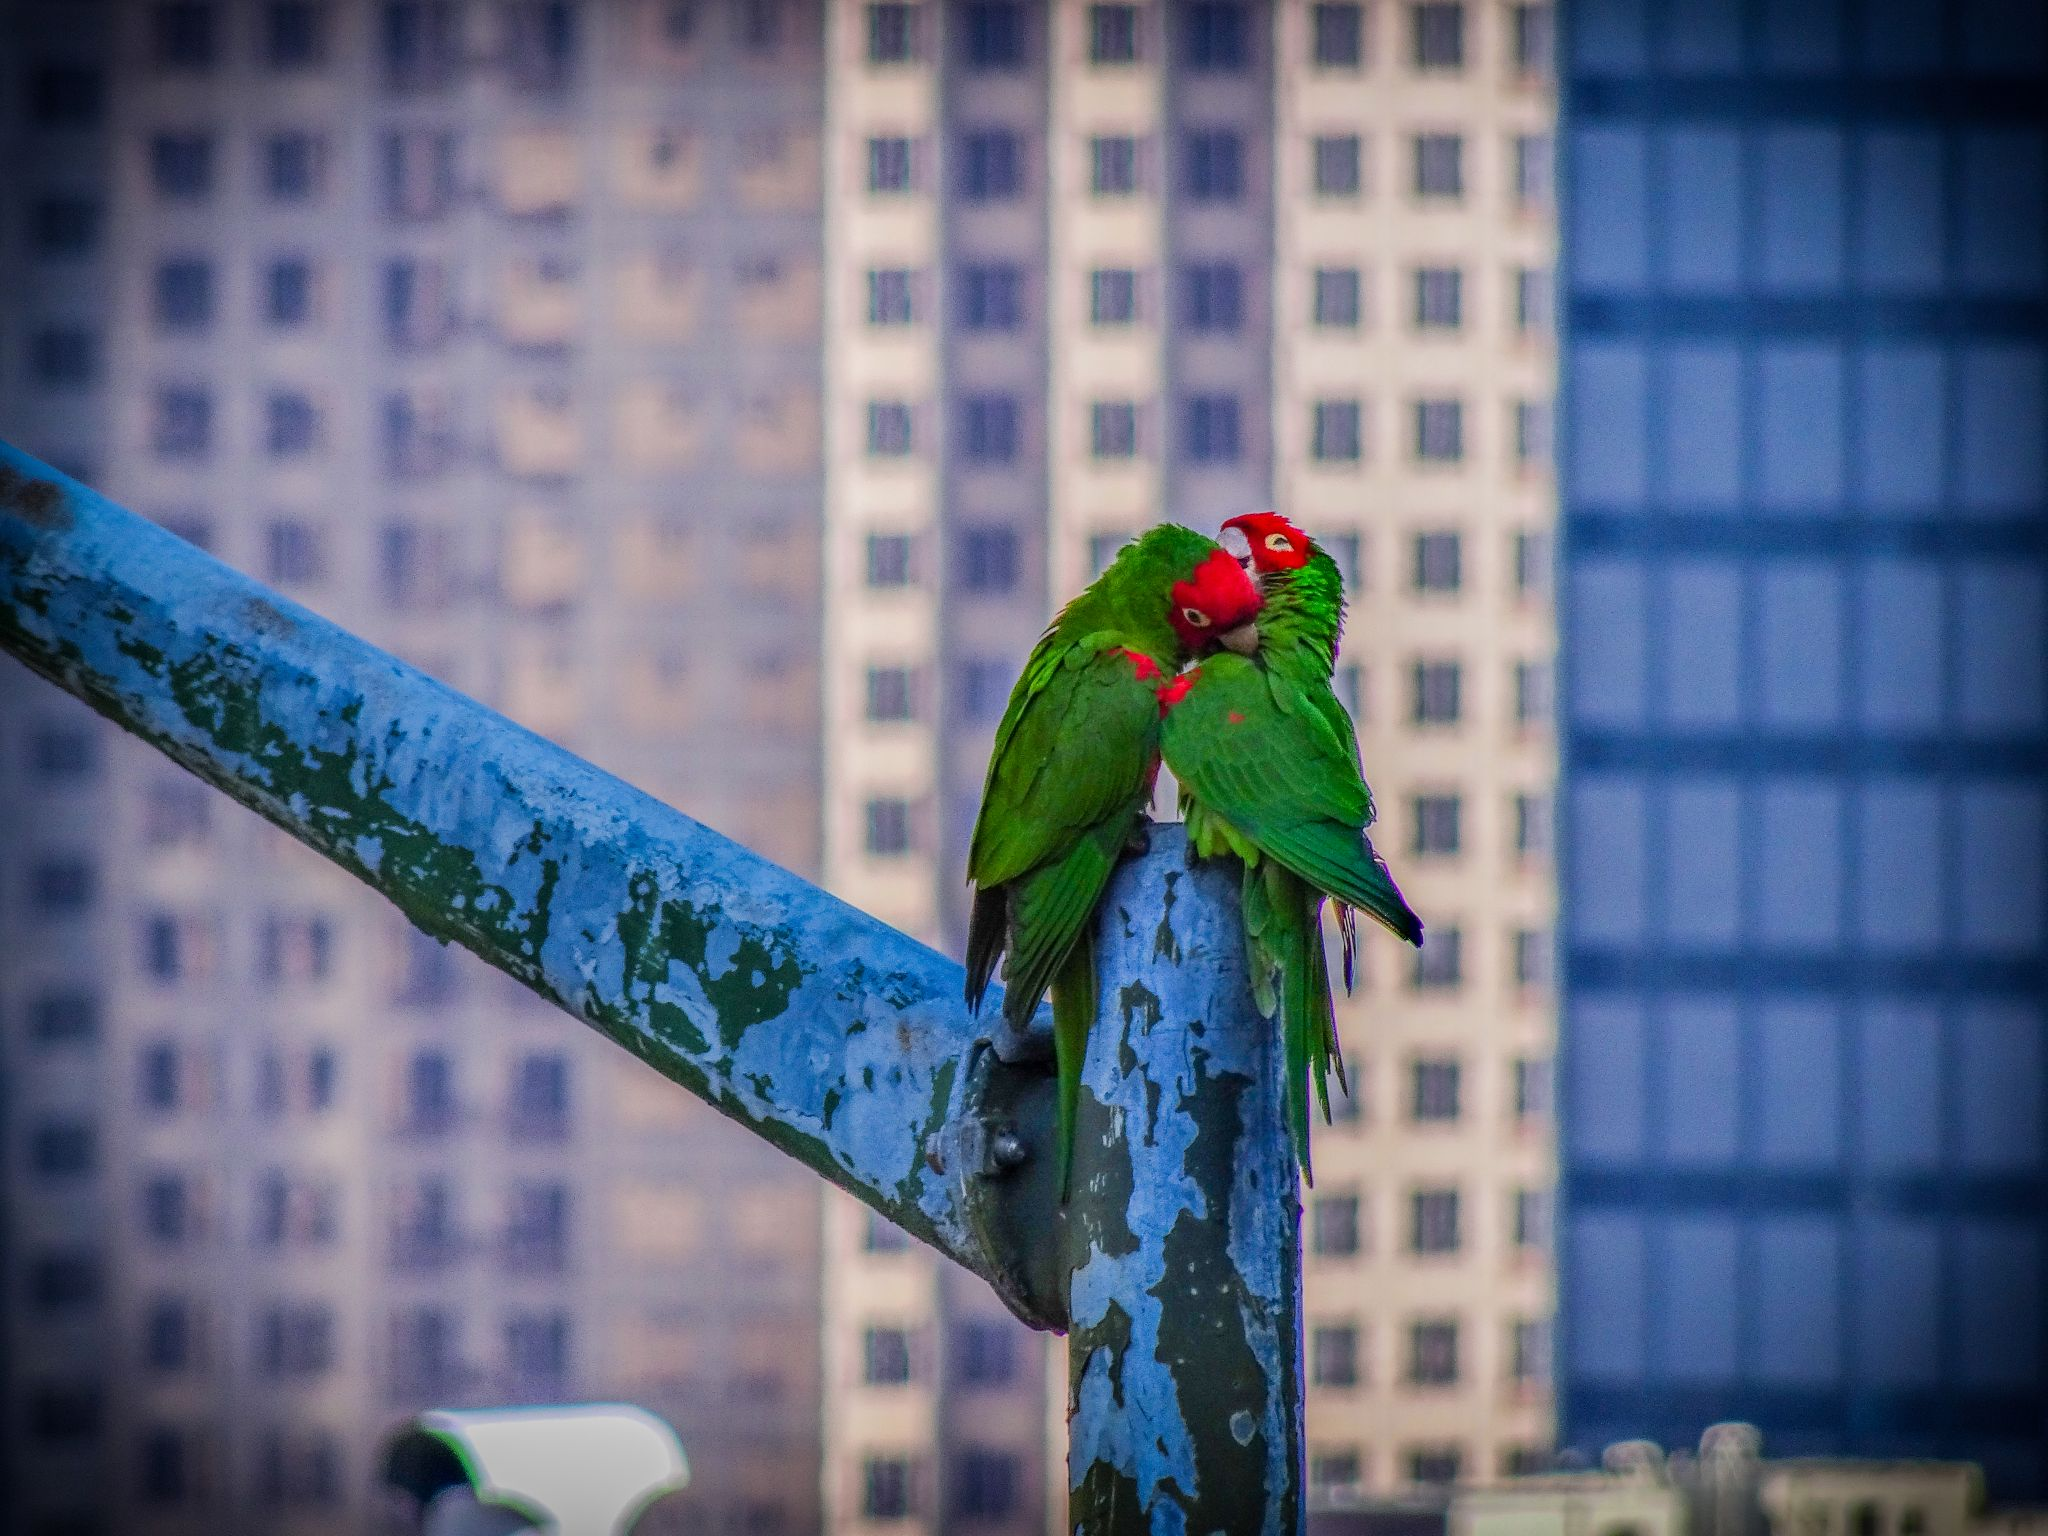 Video, photos capture Telegraph Hill's famous parrots